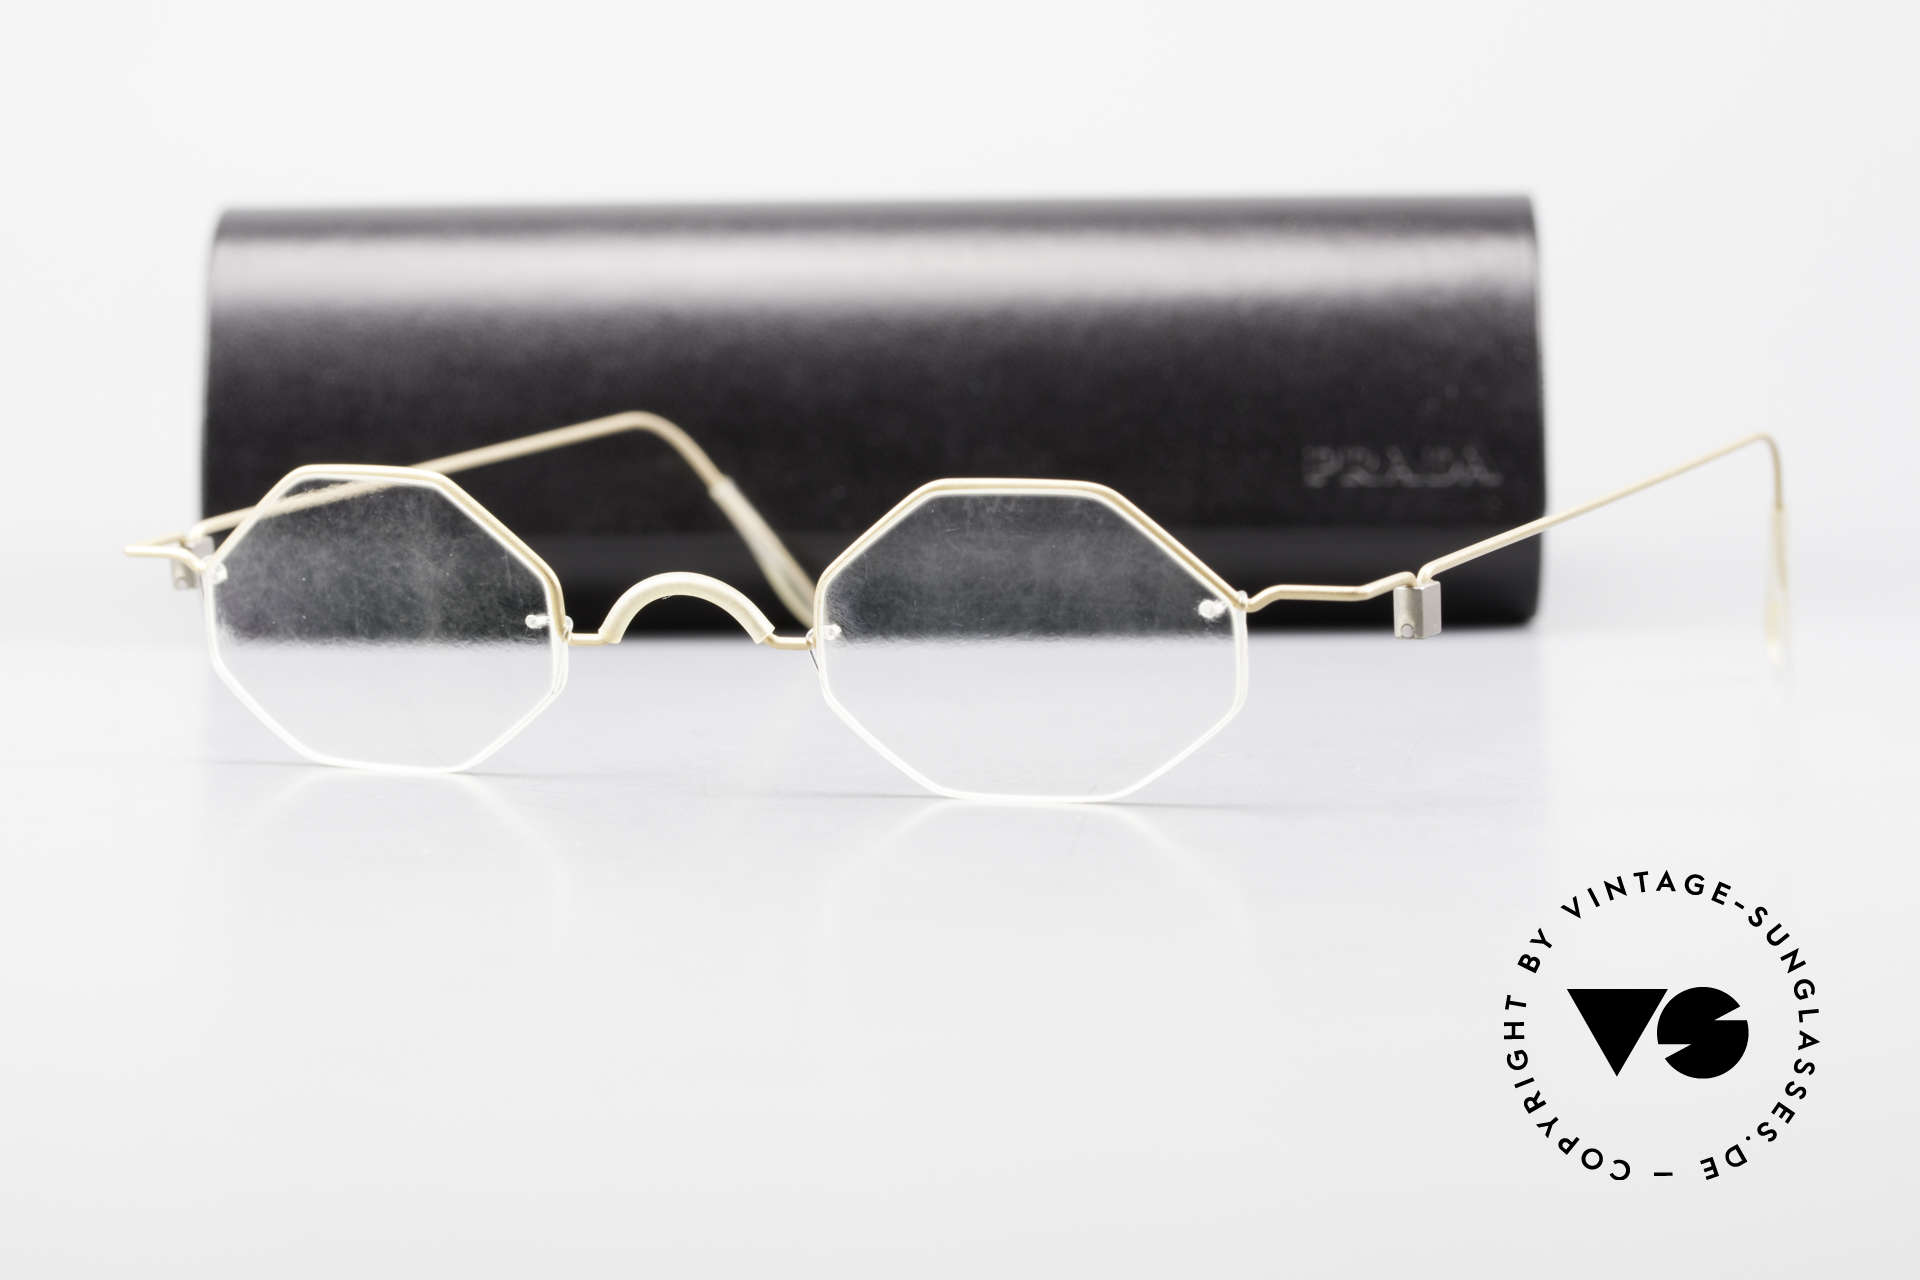 Markus T Achteckige Kenner Brille 90er, extrem stabile Fassung, flexibel & elastisch, und nur 3g, Passend für Herren und Damen